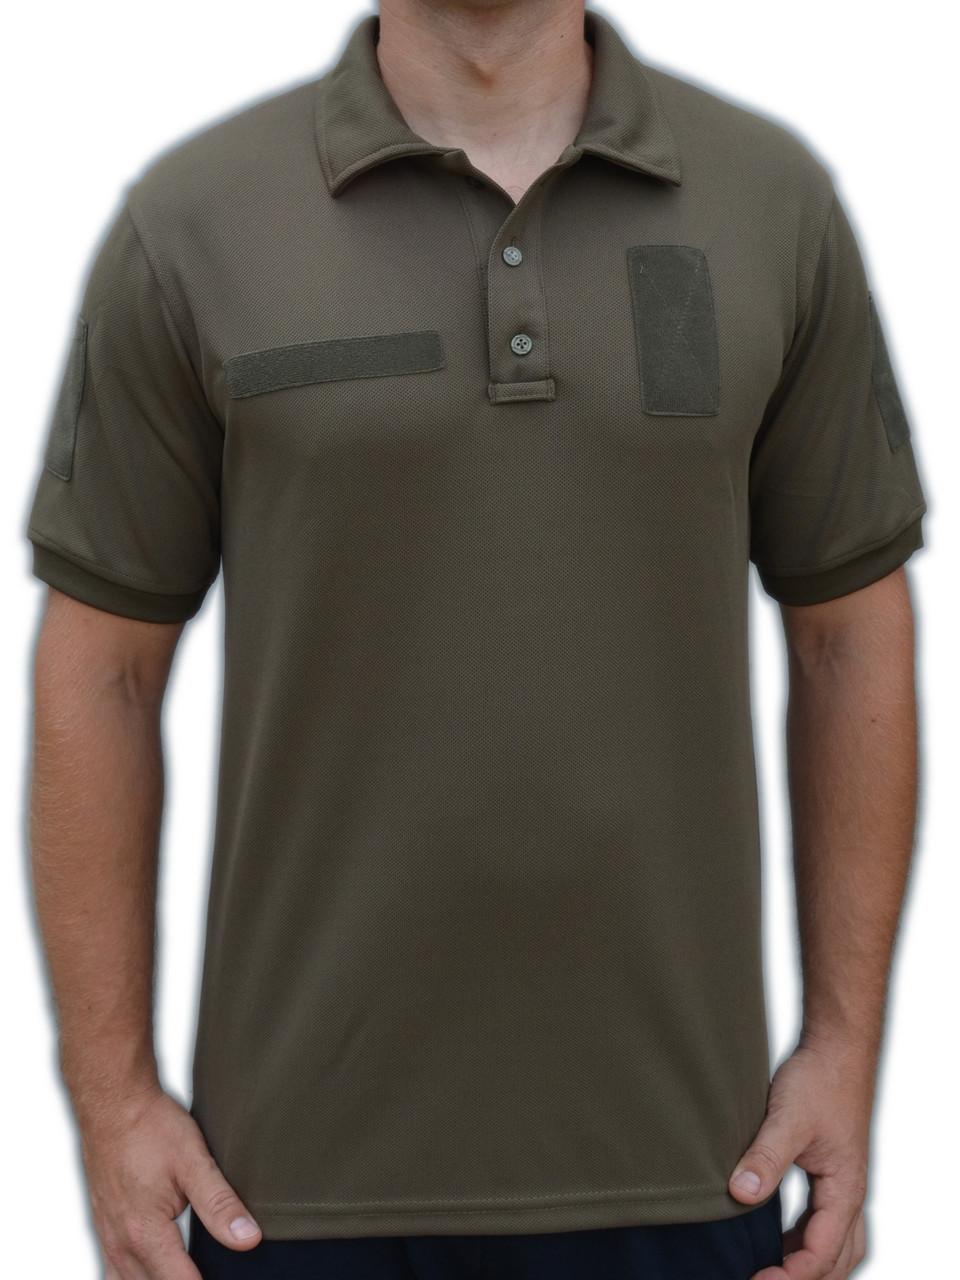 Футболка-поло летняя армейская из ткани CoolPass